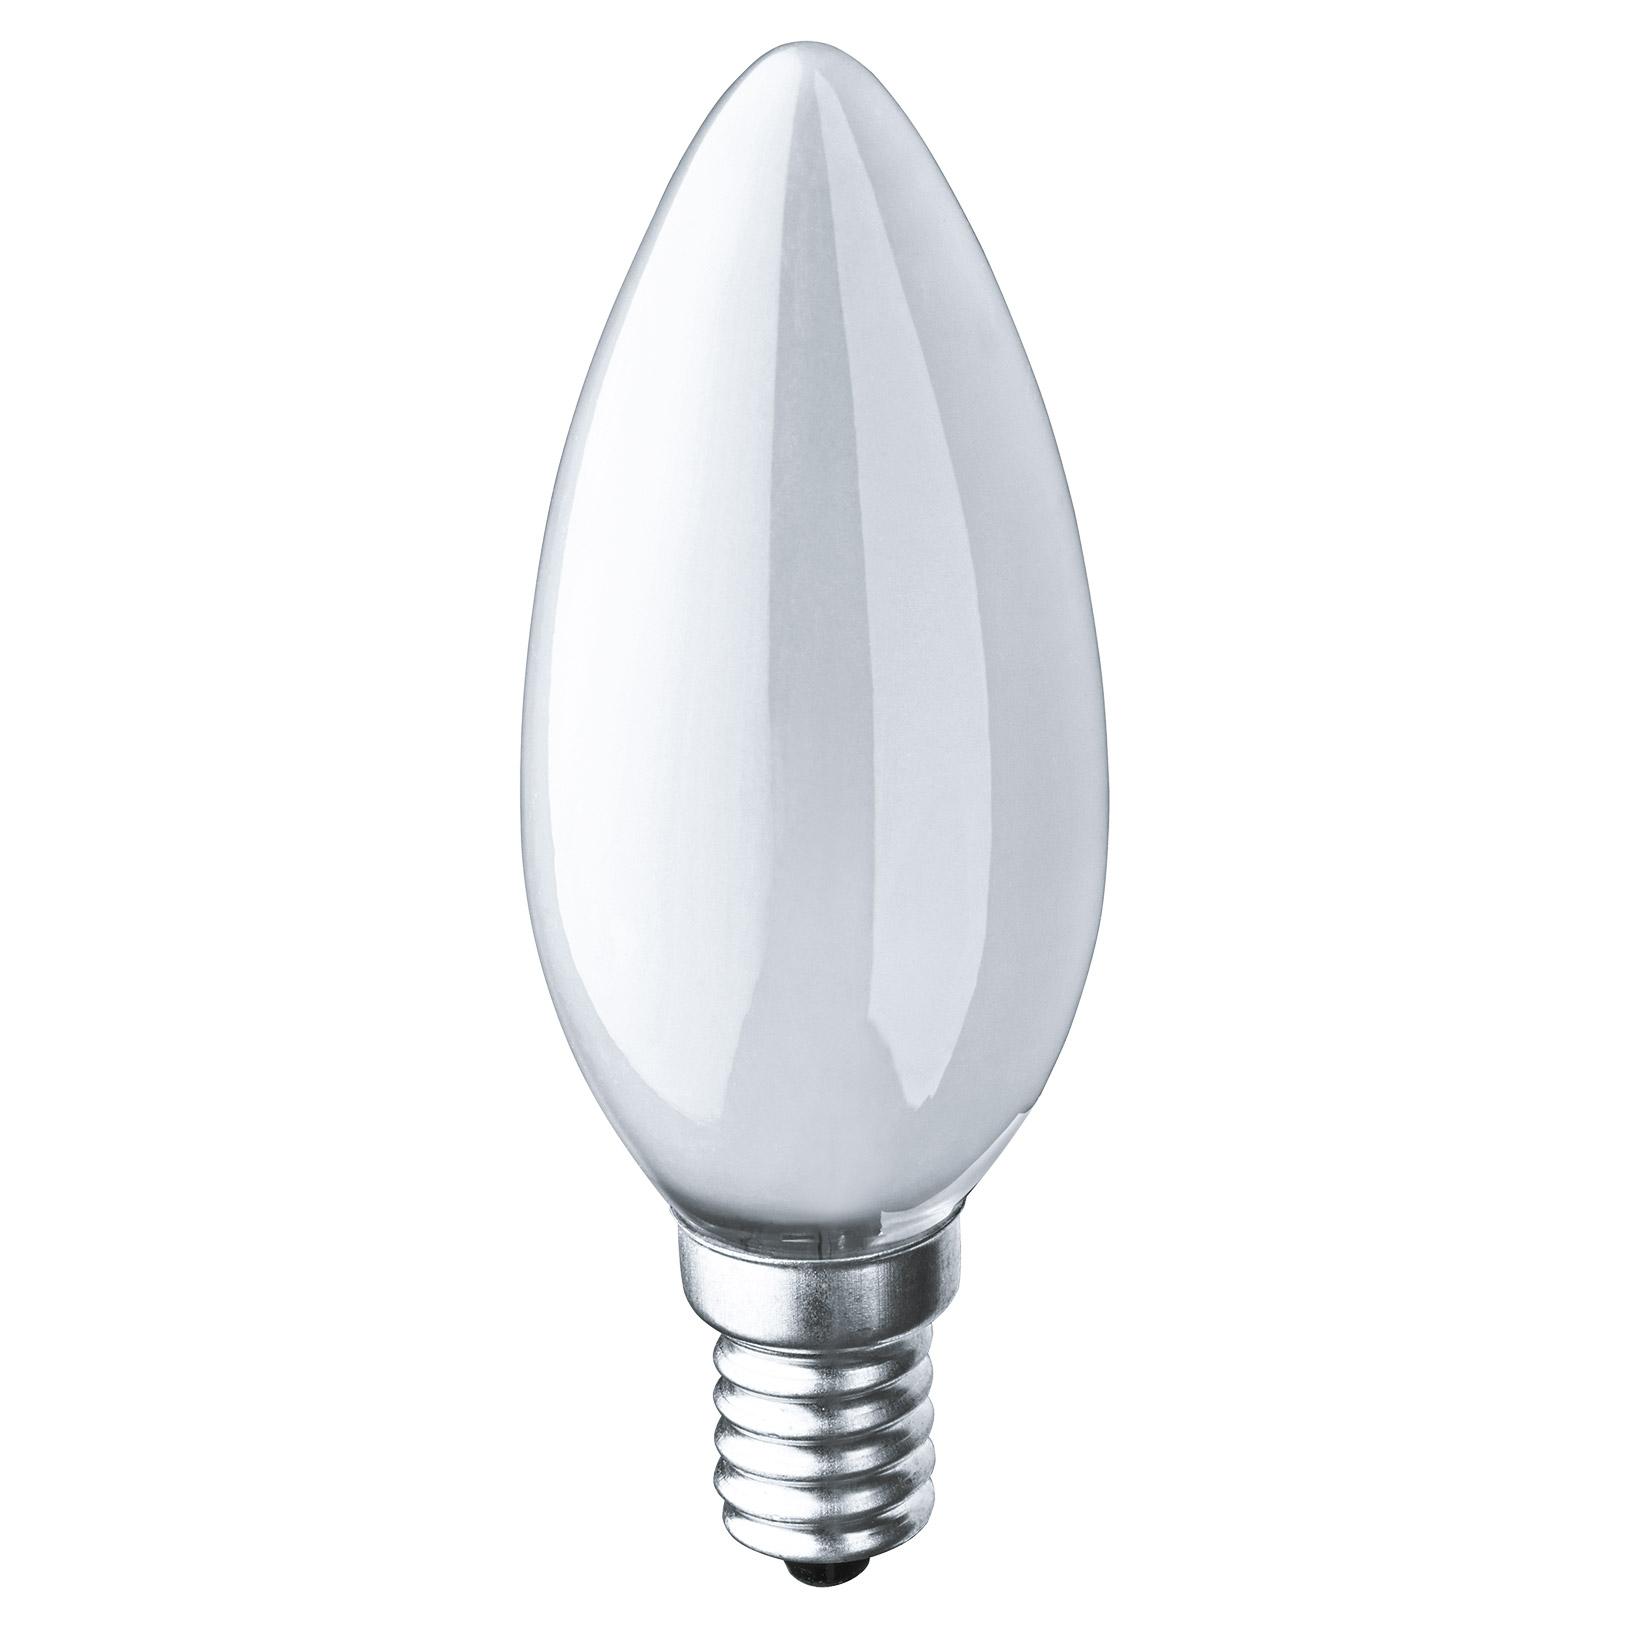 Лампа накаливания Navigator свеча матовая 60Вт цоколь E14